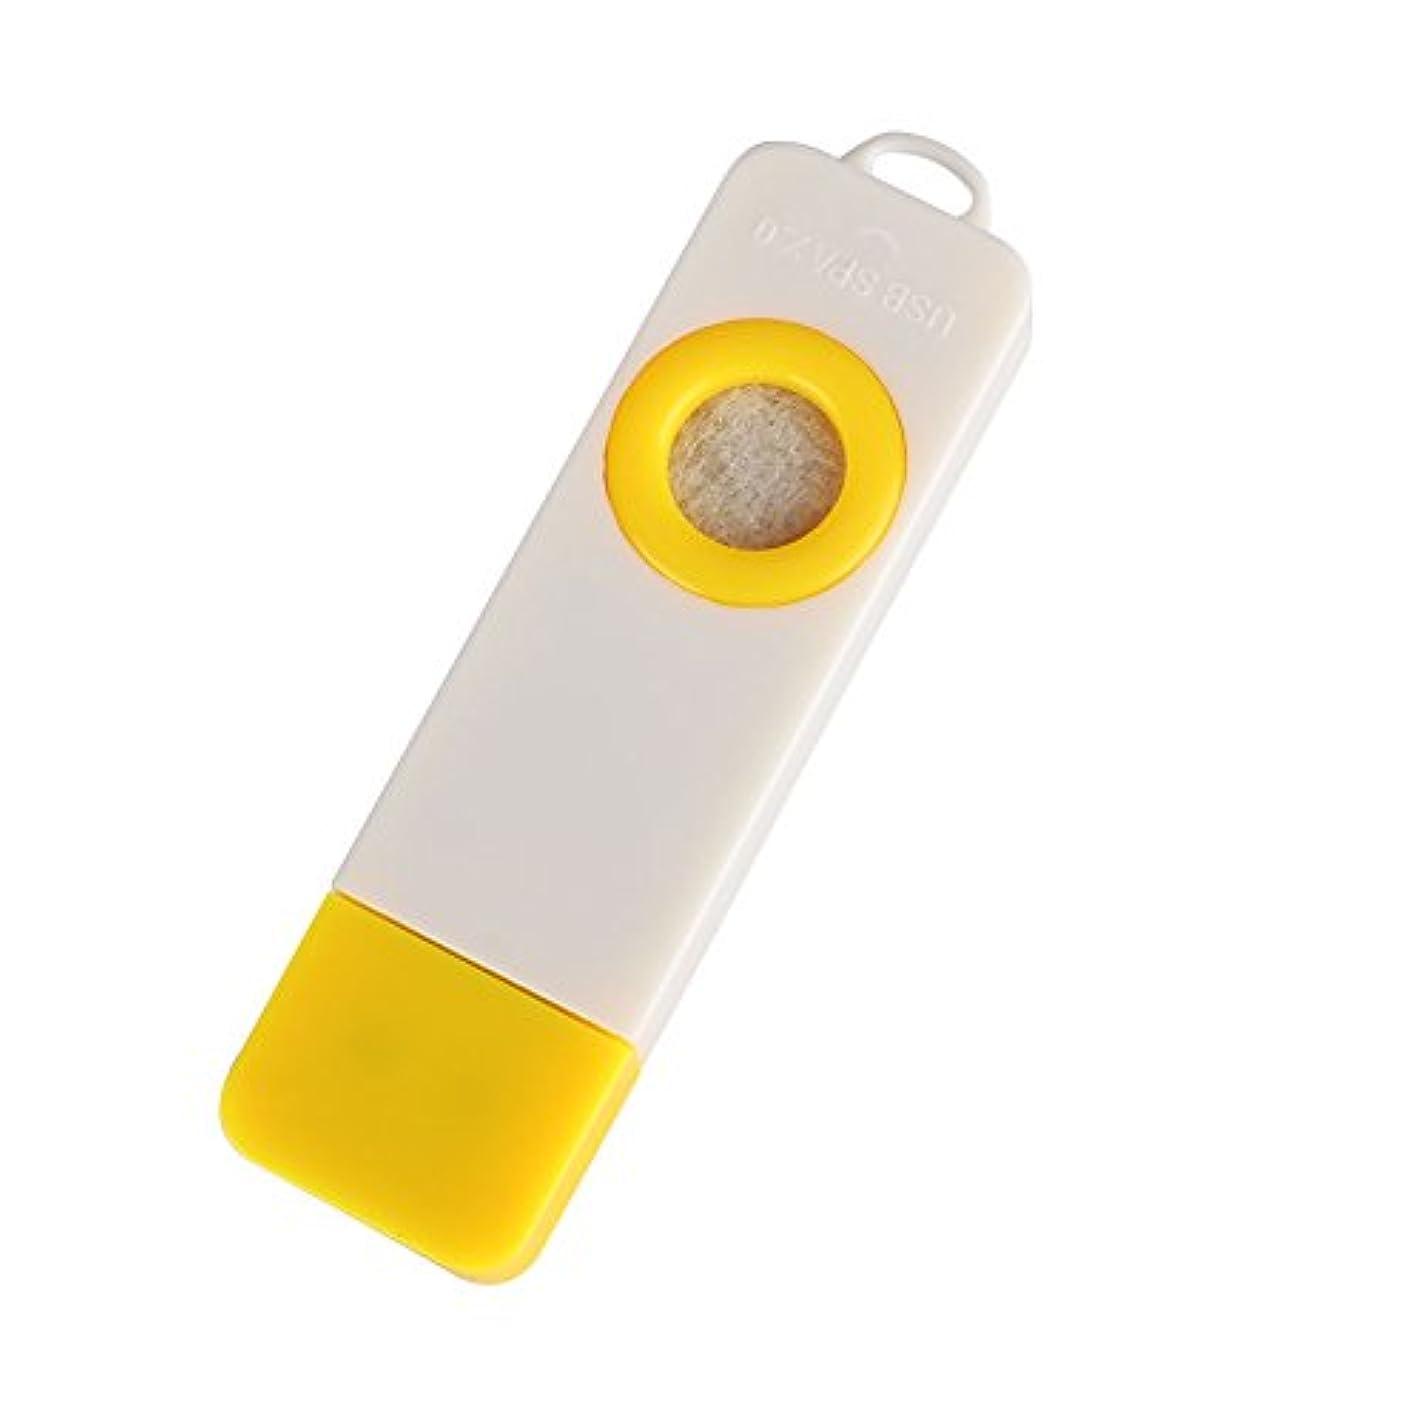 早くチョコレート帳面TOPmountain ファッションミニ USBアロマセラピーディフューザー ポータブル自動香 カーアクセサリーアクセサリー ホームアロマセラピー 健康アロマ オイル加湿器